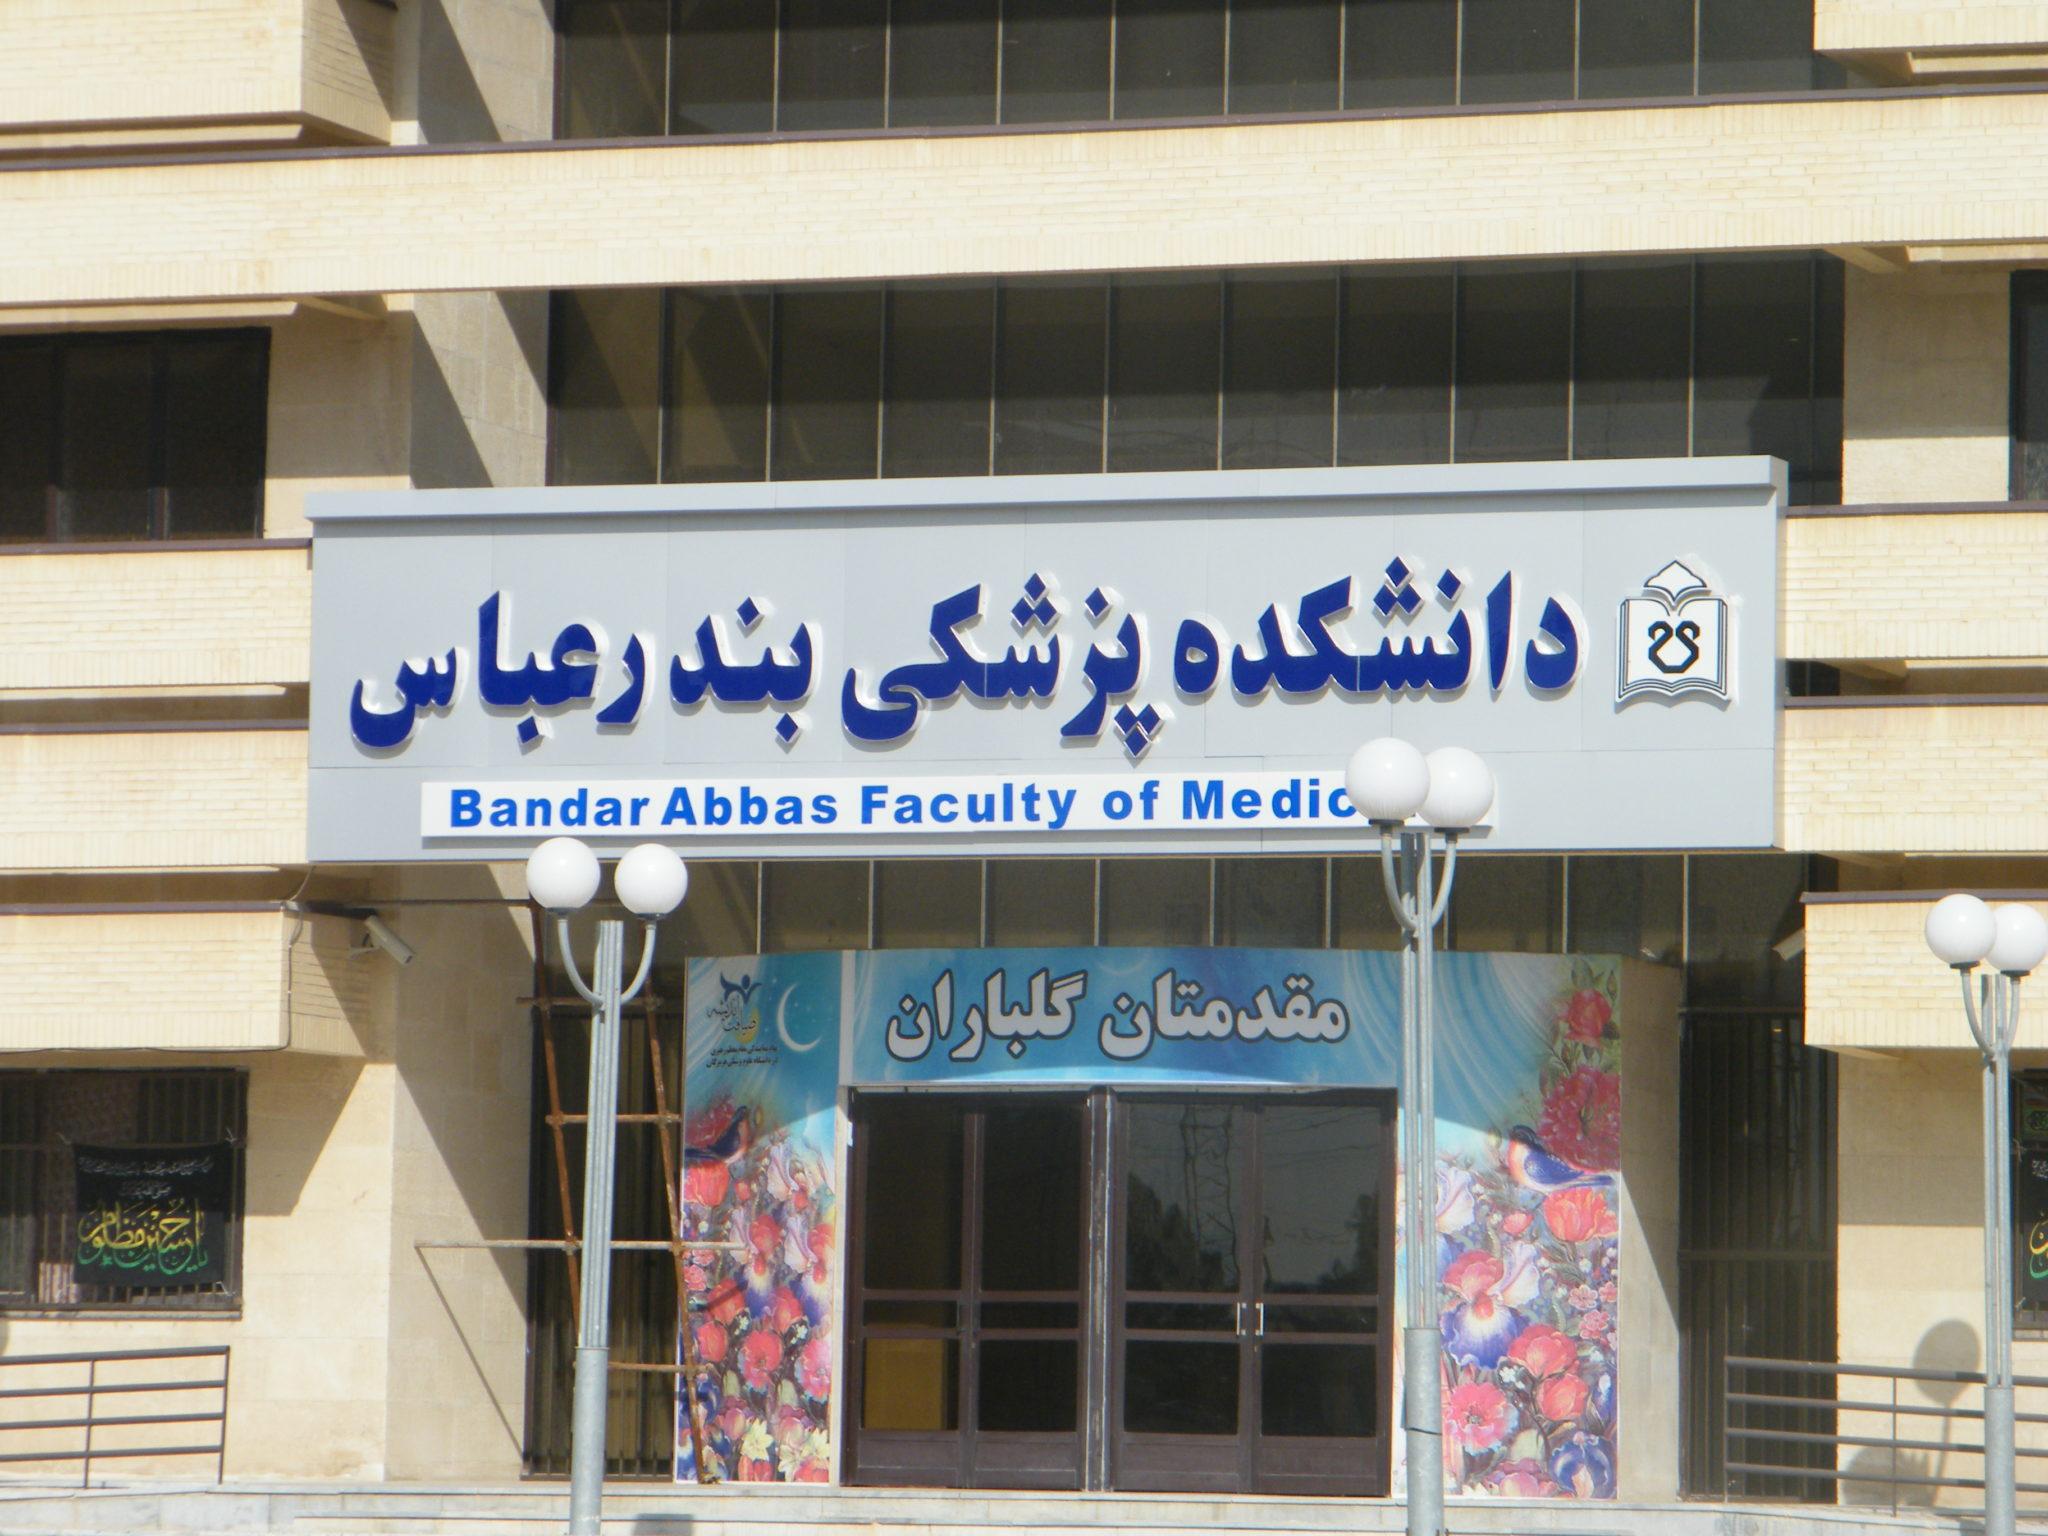 رتبه لازم قبولی پزشکی 98 دانشگاه علوم پزشکی بندرعباس